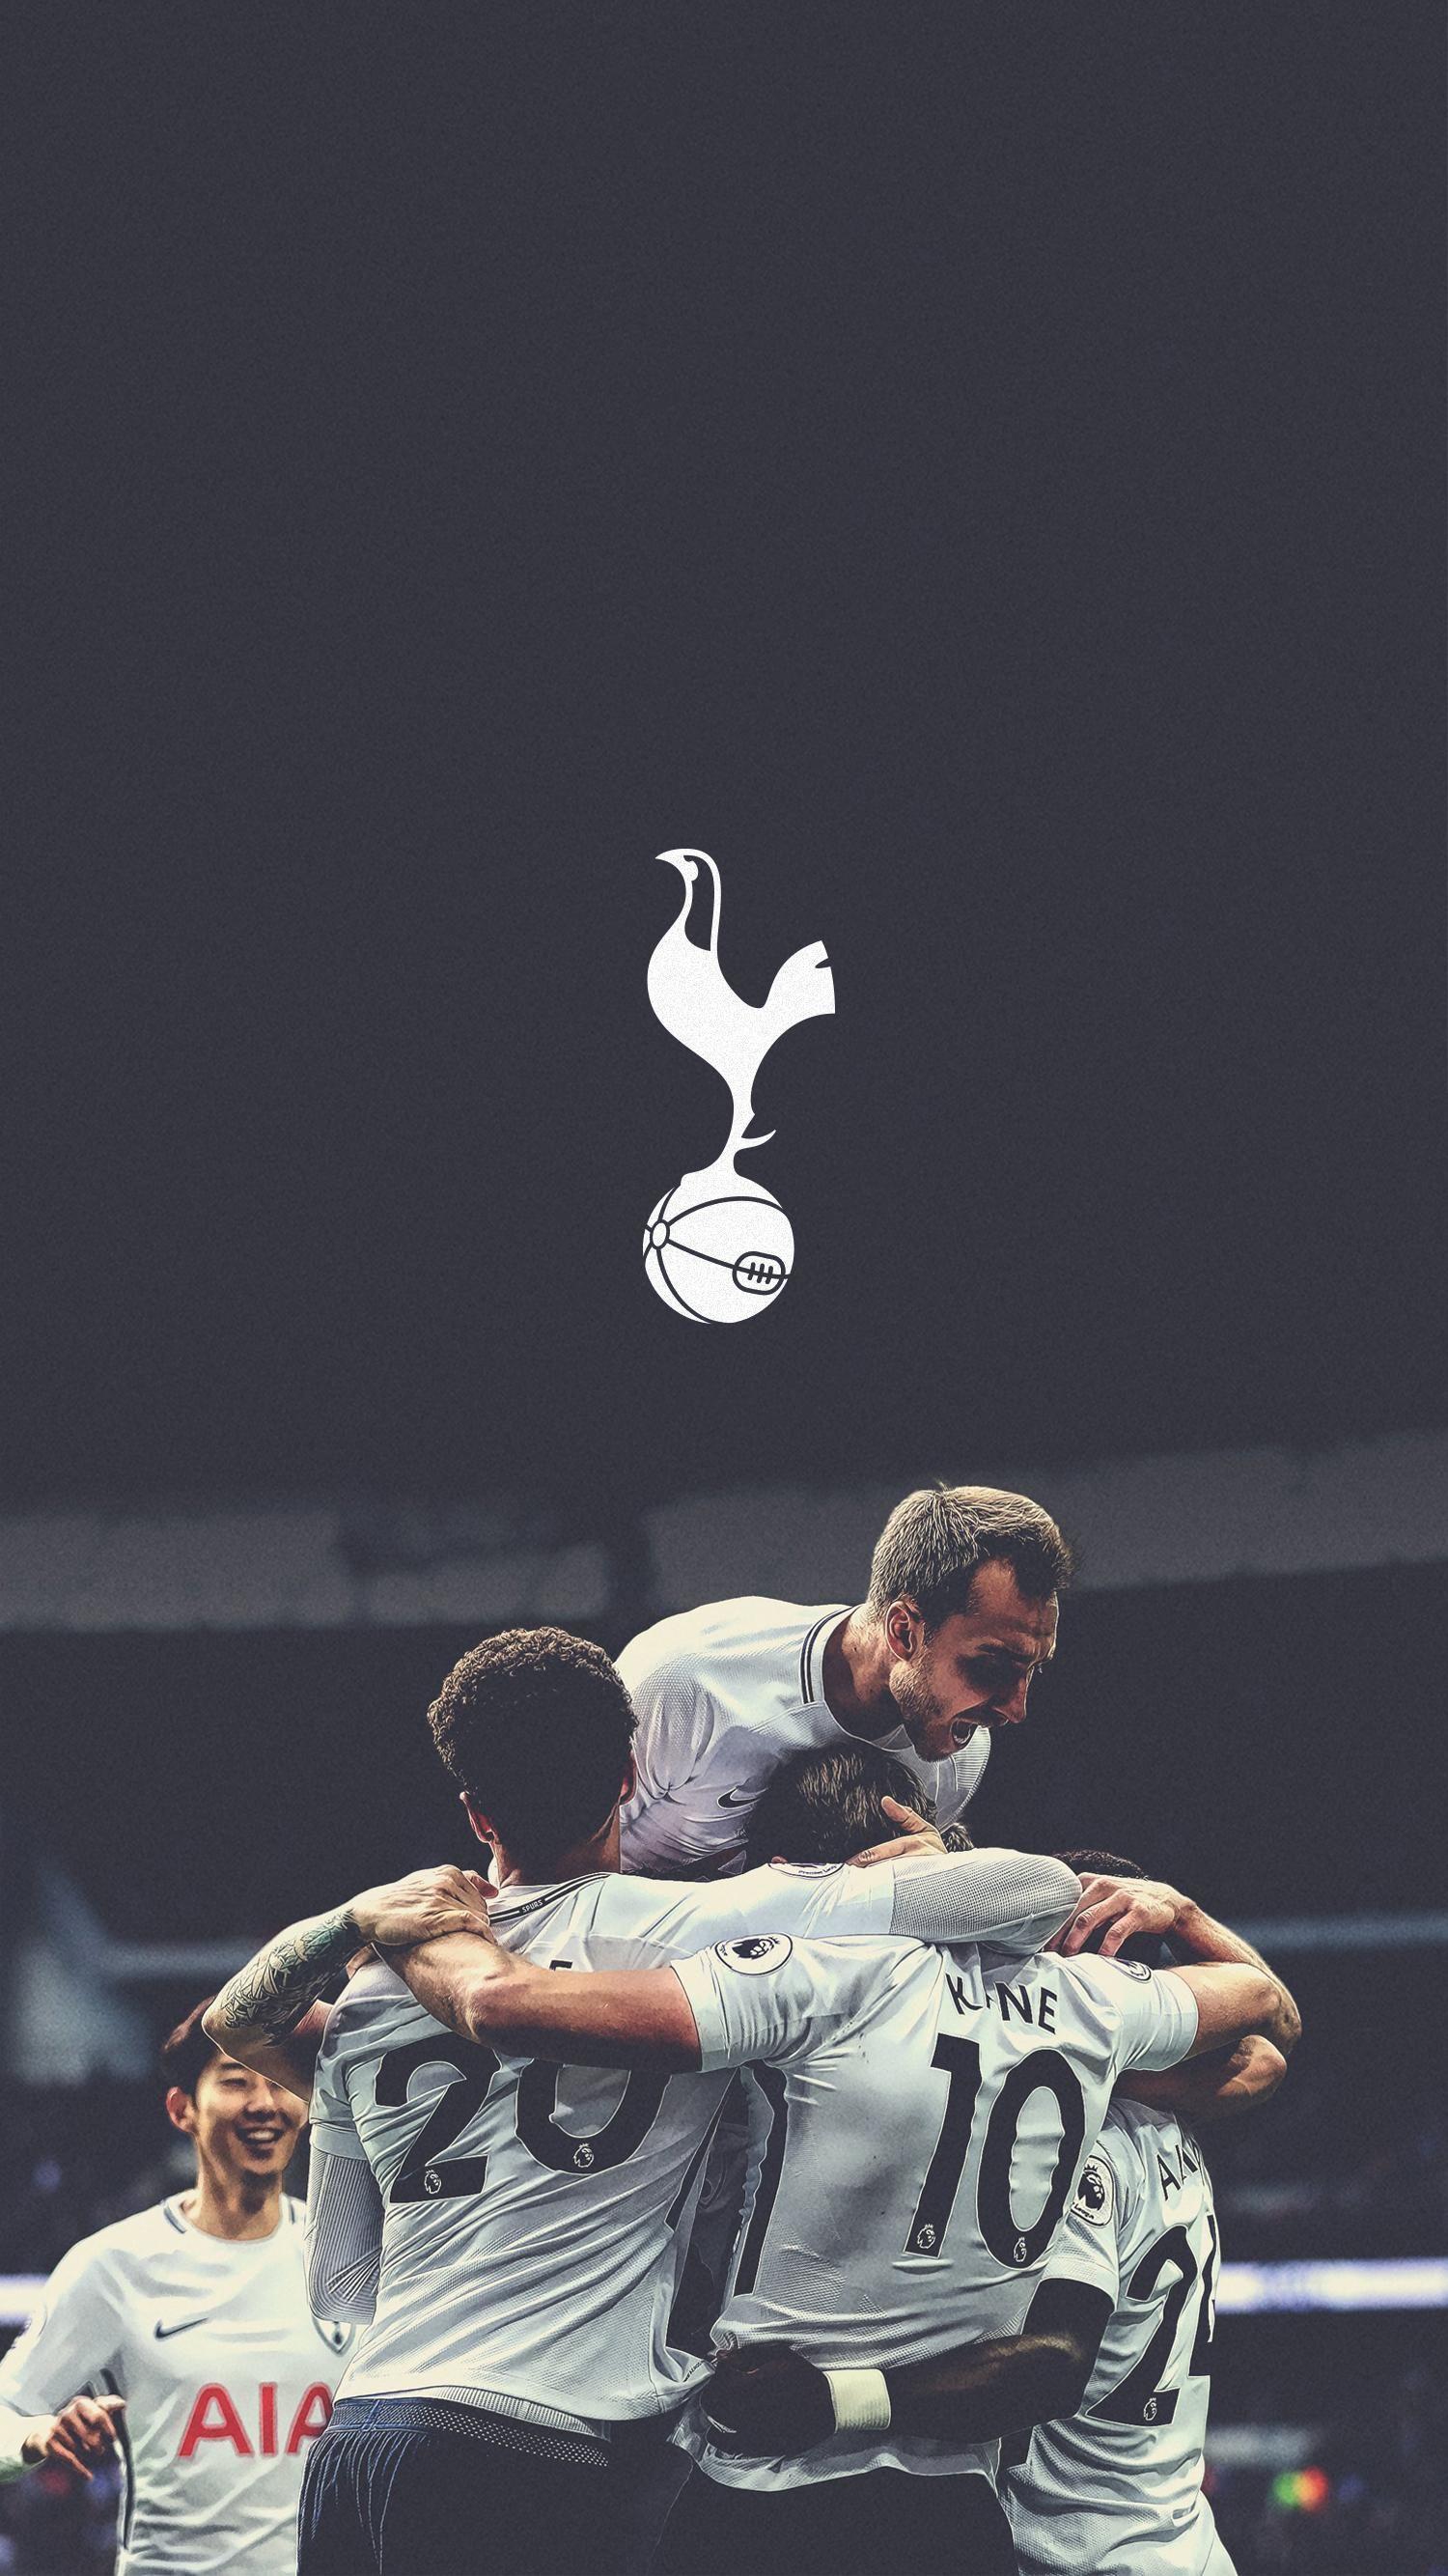 50 Tottenham Wallpapers Download at WallpaperBro